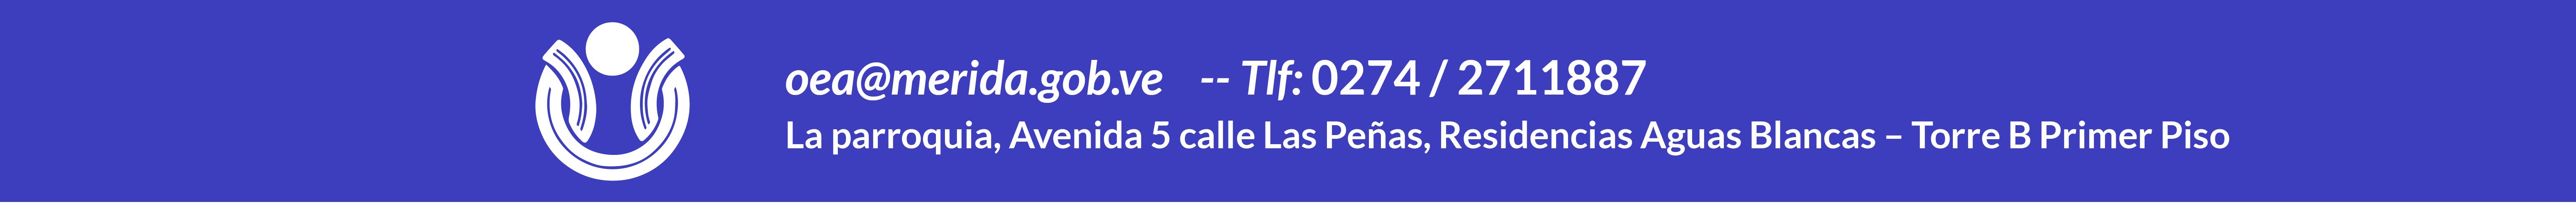 cintillo_oea_direccion